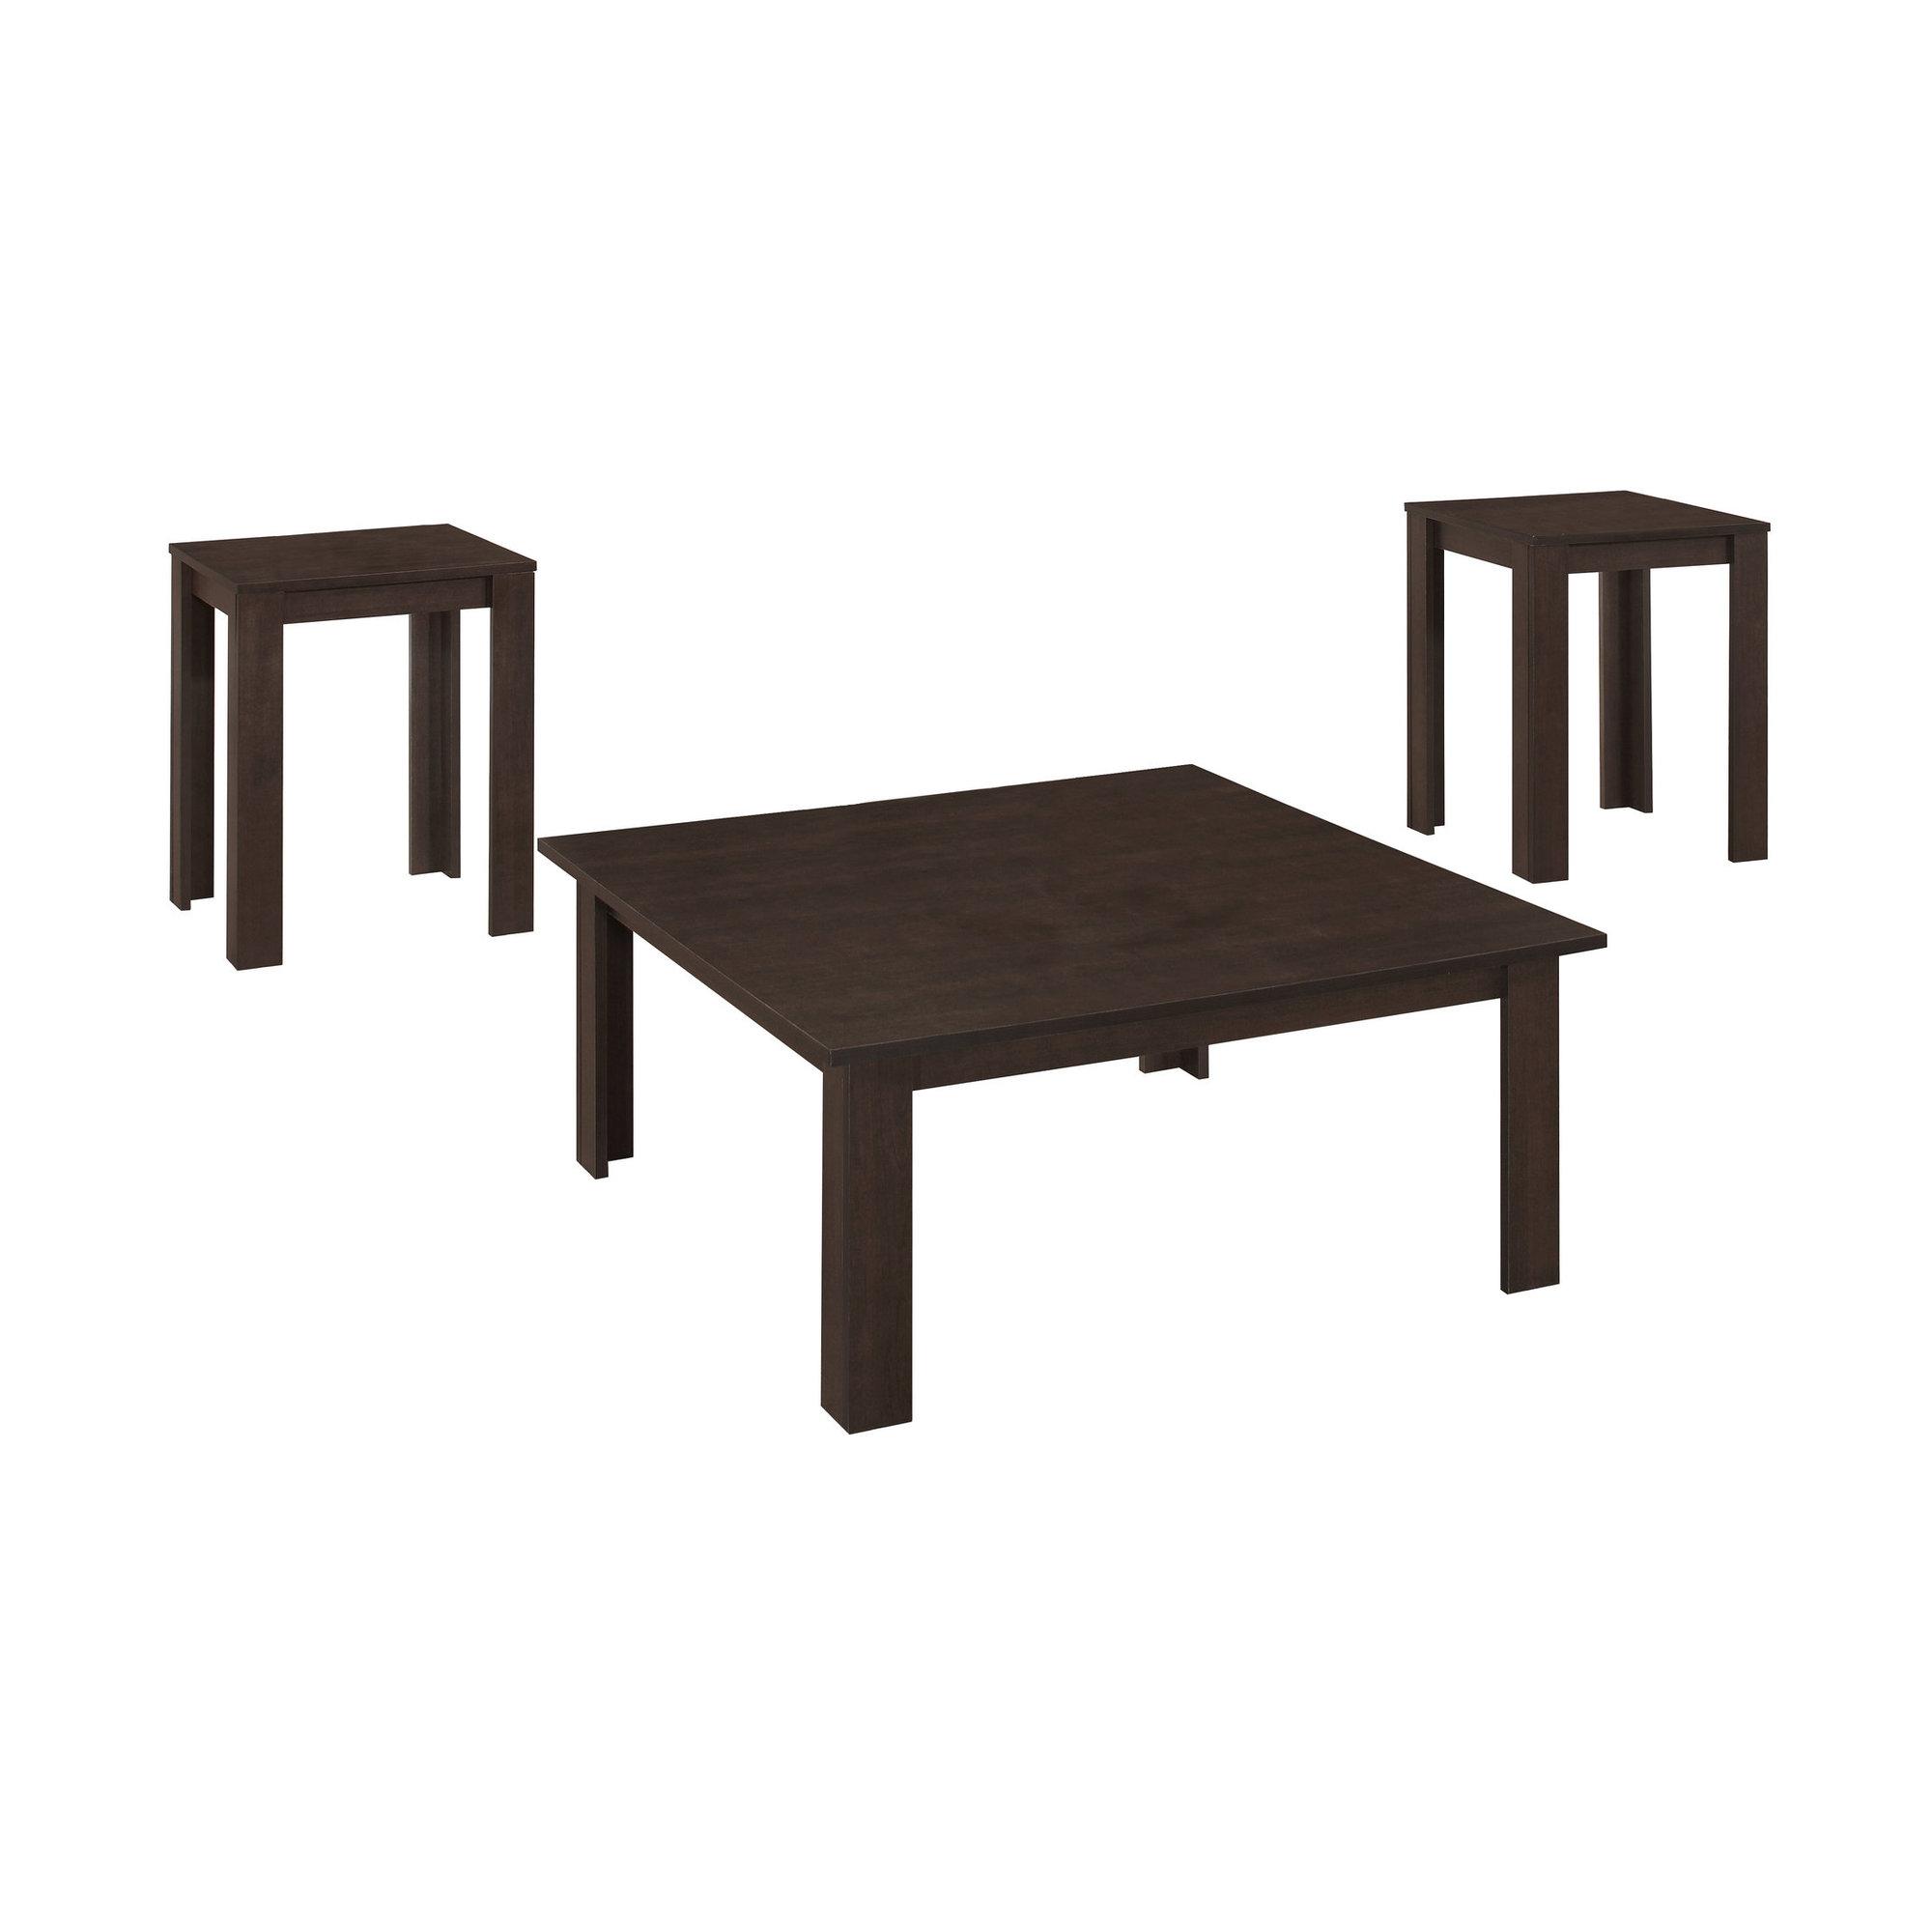 TABLE SET - 3PCS SET / CAPPUCCINO